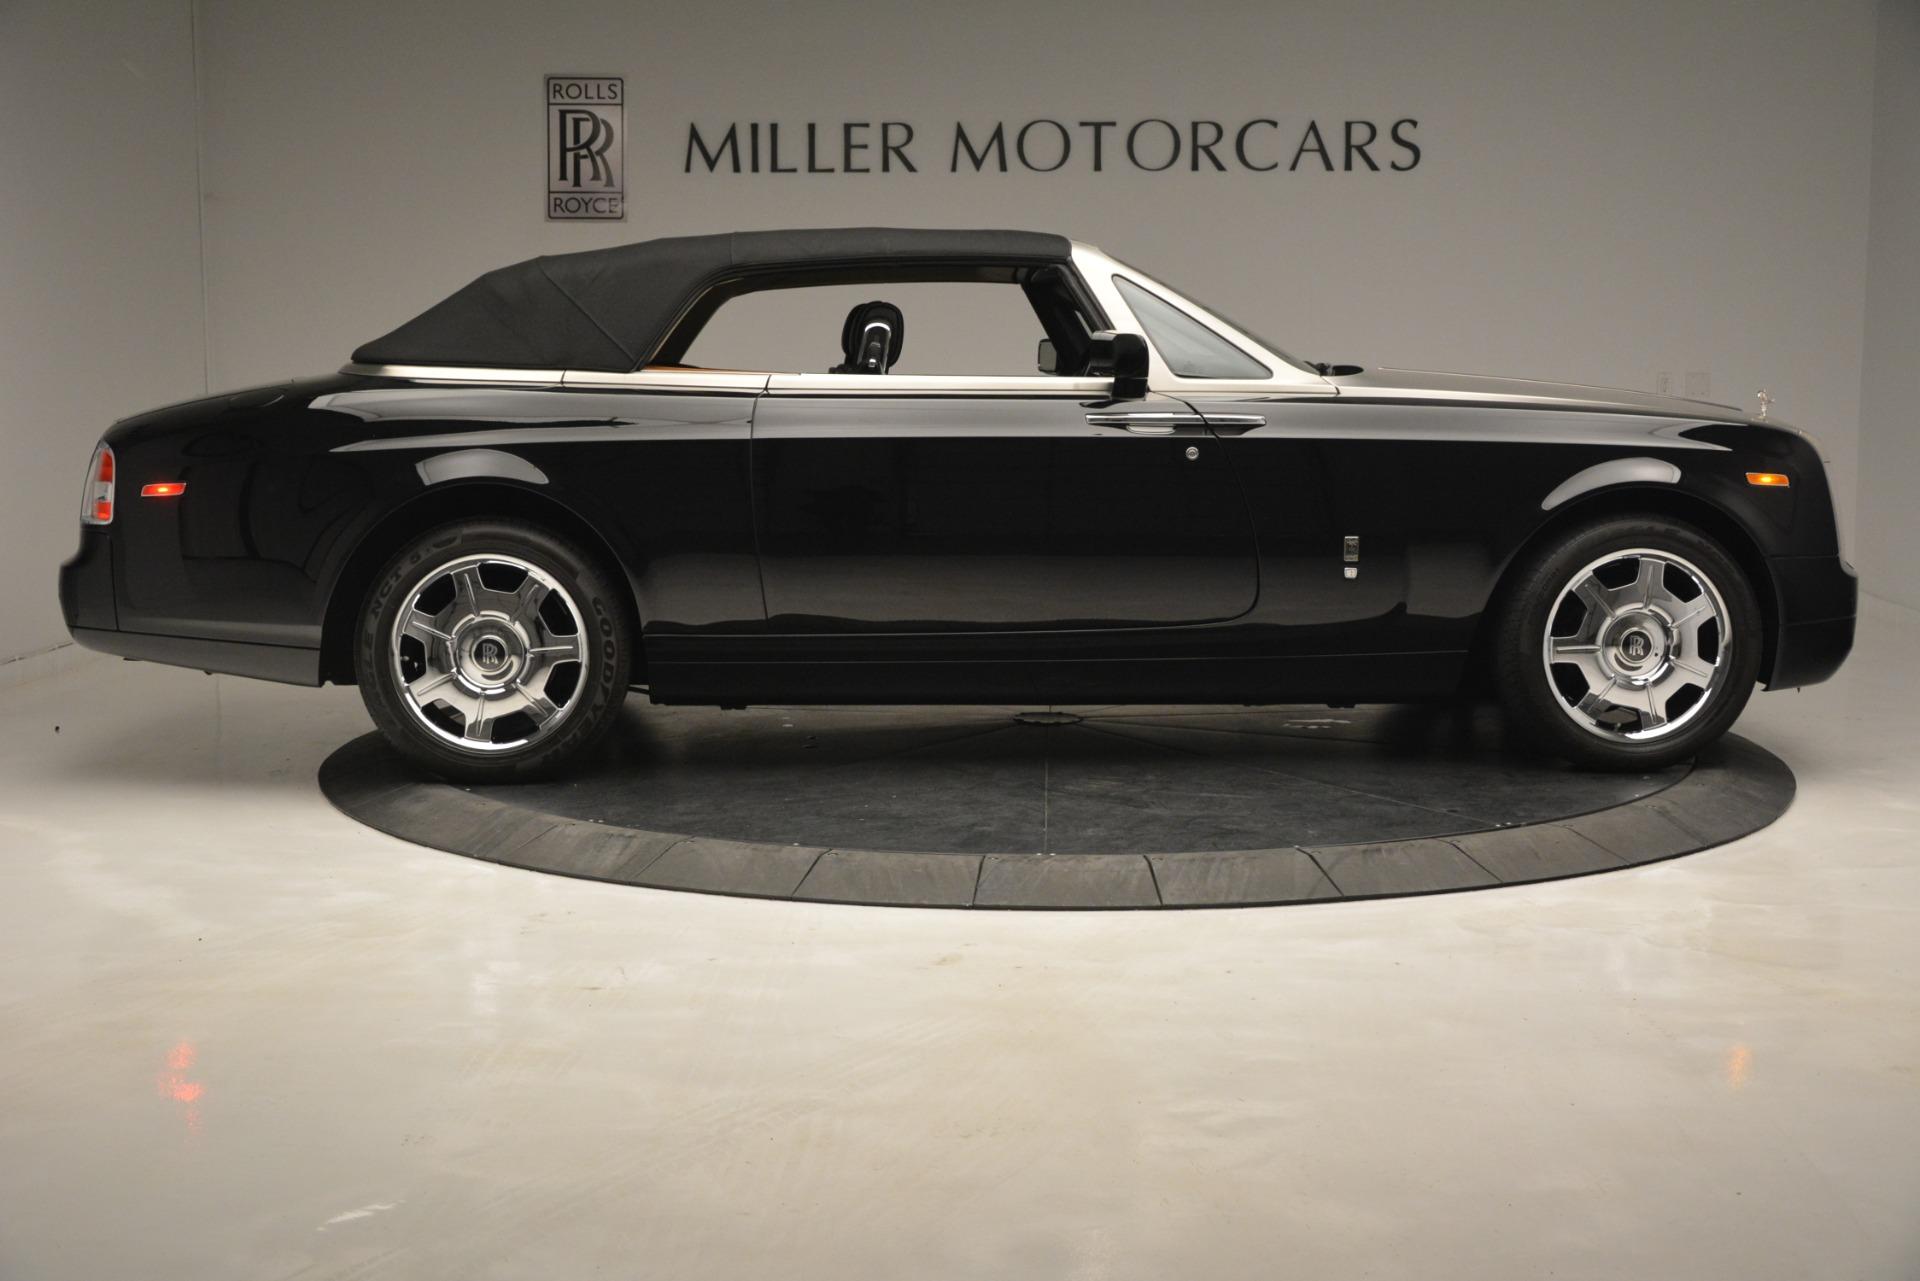 Used 2008 Rolls-Royce Phantom Drophead Coupe  For Sale In Westport, CT 3000_p39